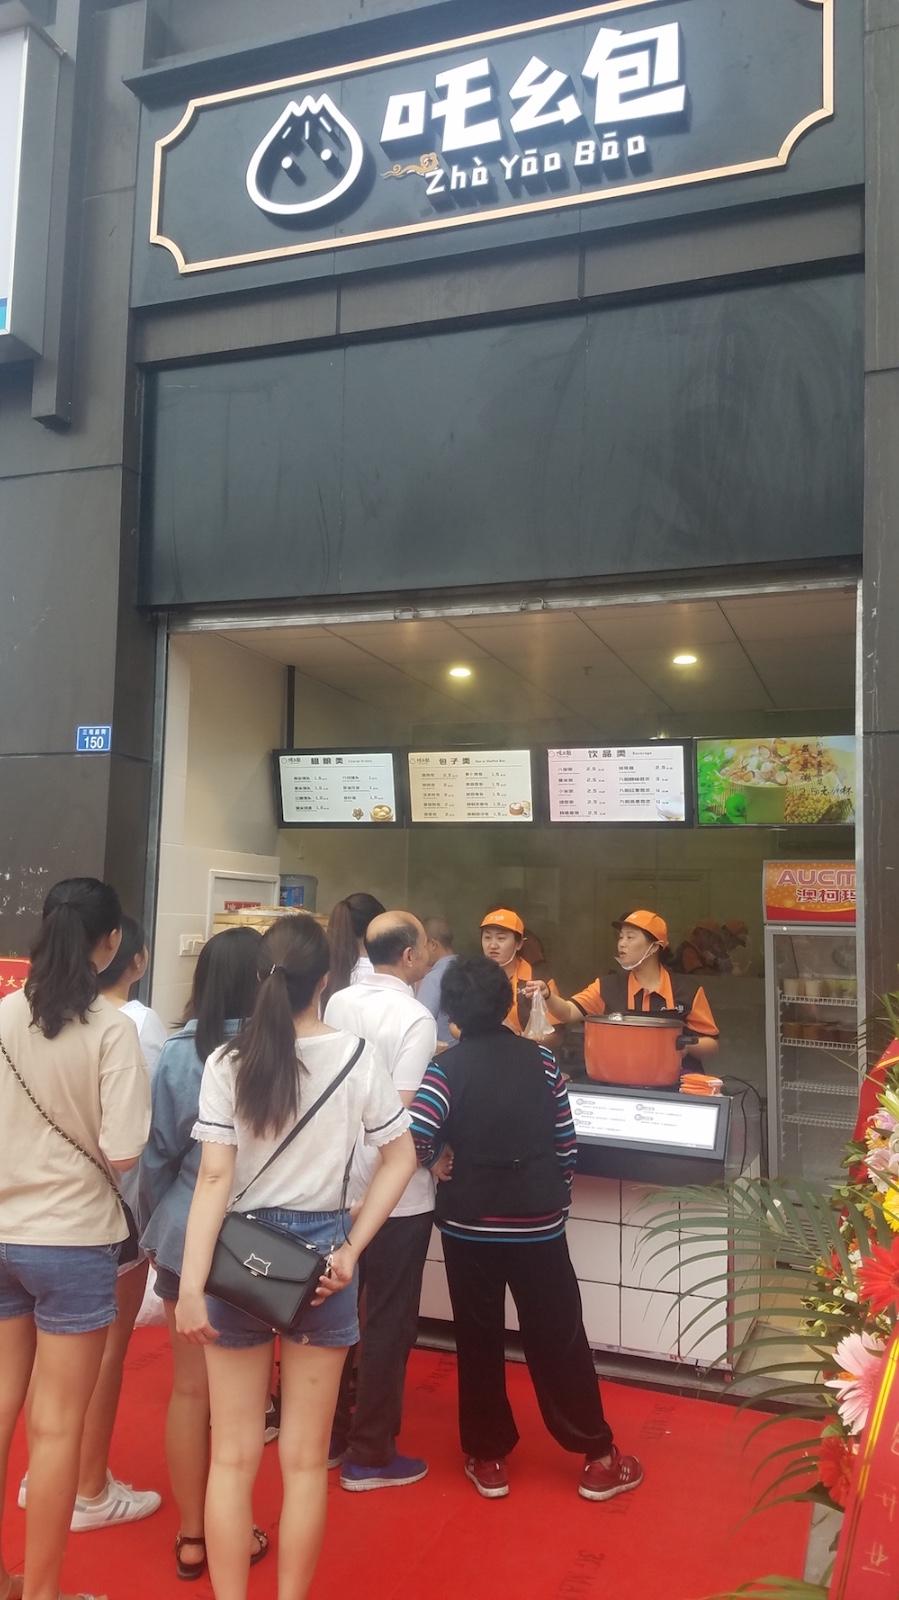 吒幺包三官庙街店开业 企业资讯-成都乐味可餐饮管理有限公司